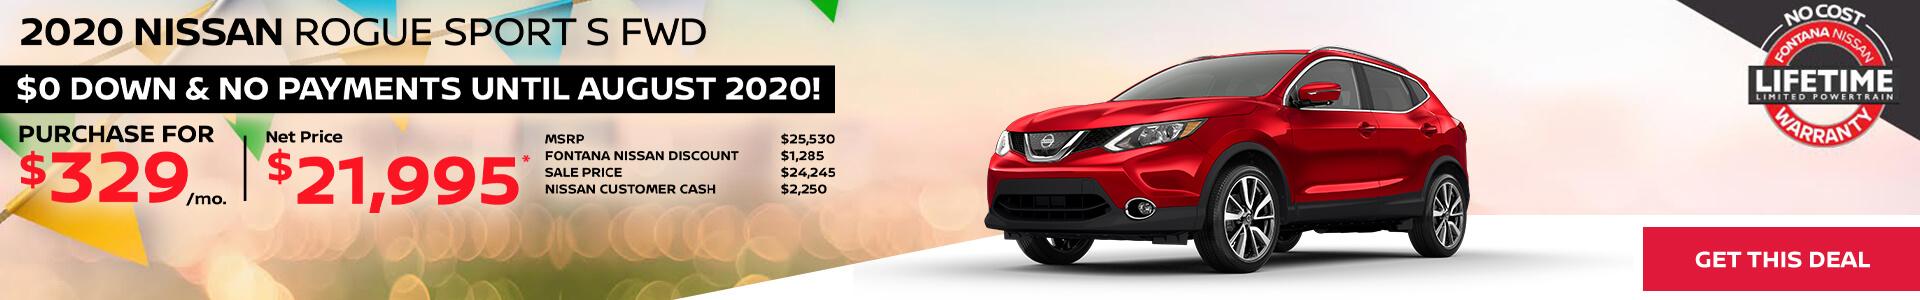 Nissan Rogue Sport $329